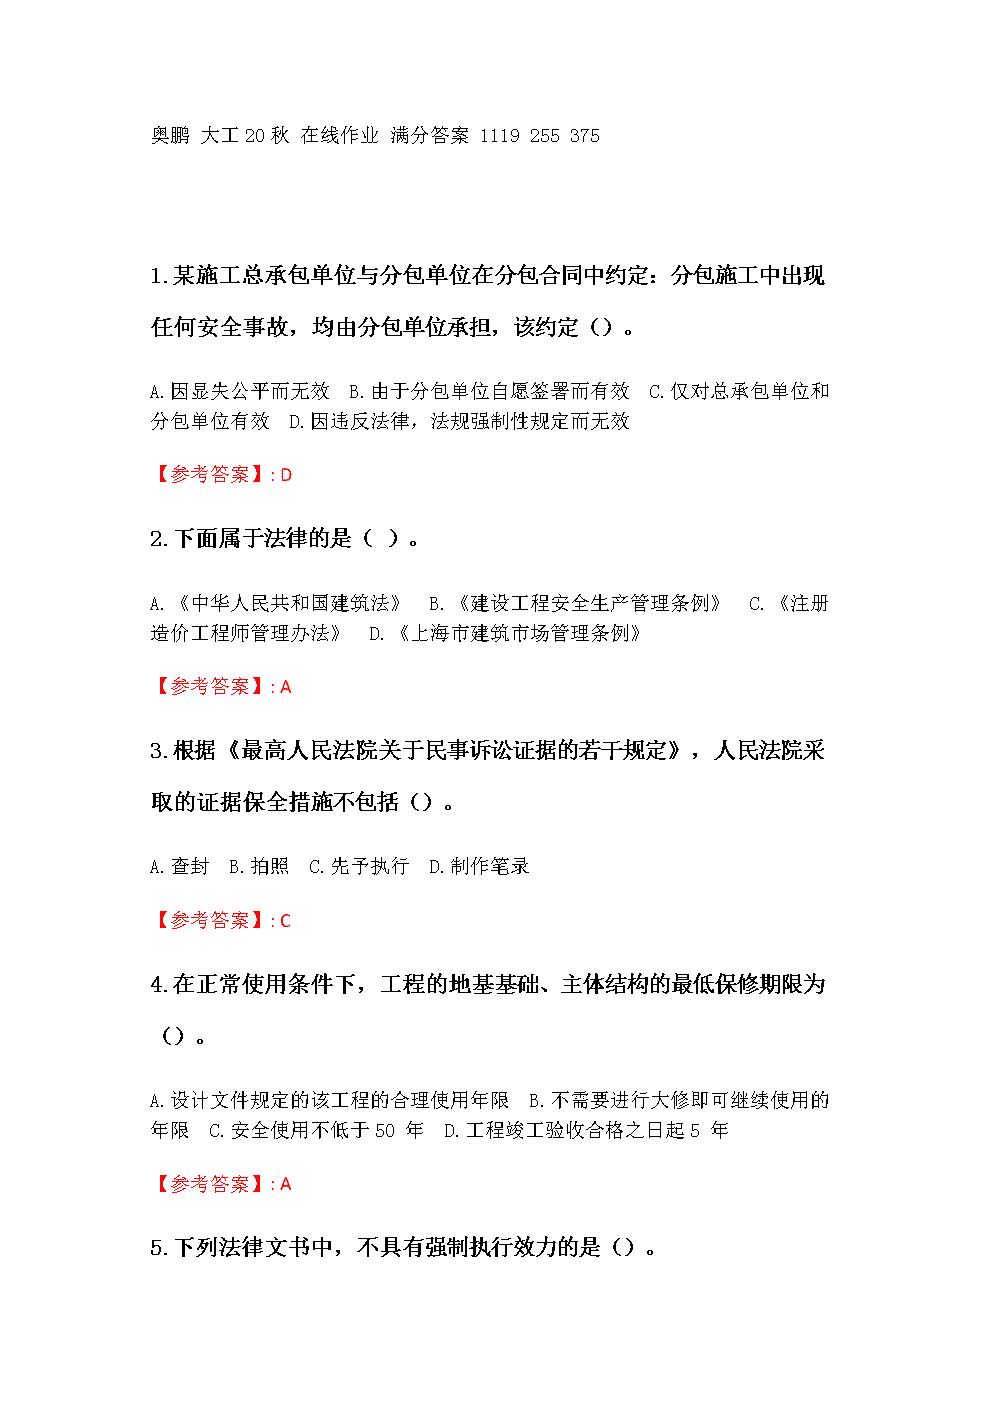 奥鹏 大工20秋《建设工程法规》在线作业3 满分答案.doc